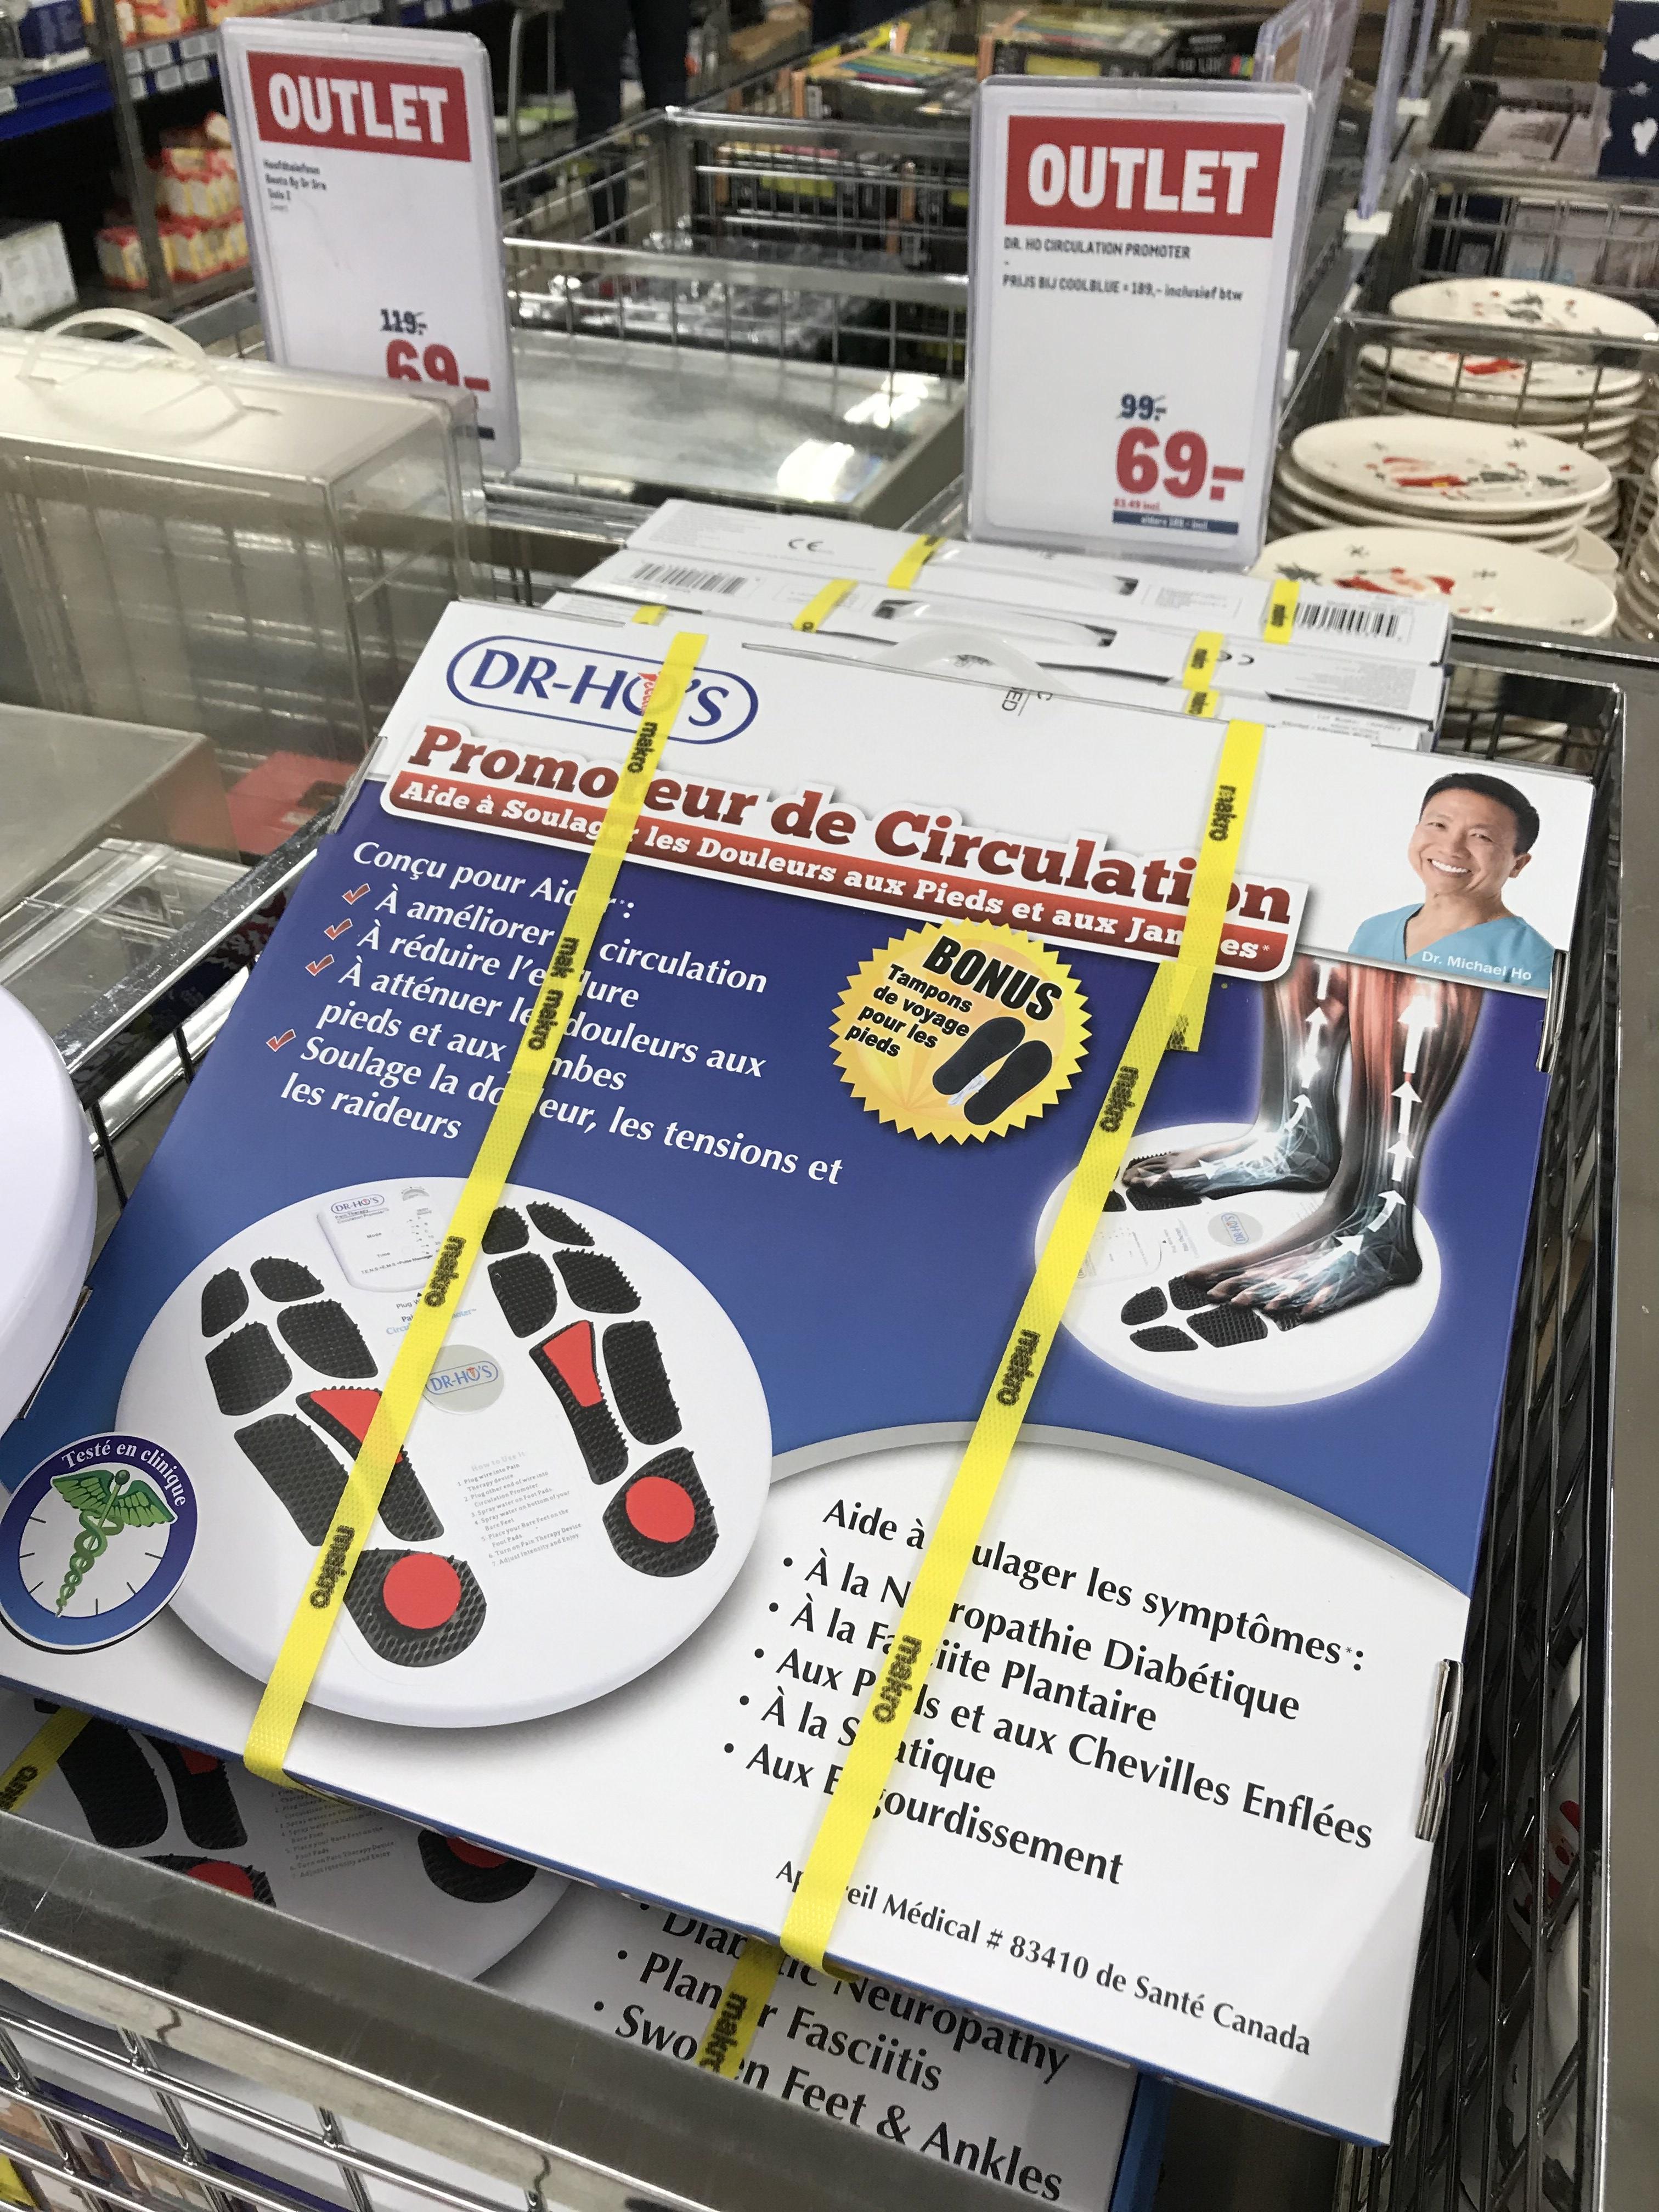 Dr HO circulaties promoter voetenmassage bij Makro €69,- excl BTW 83,49 incl BTW